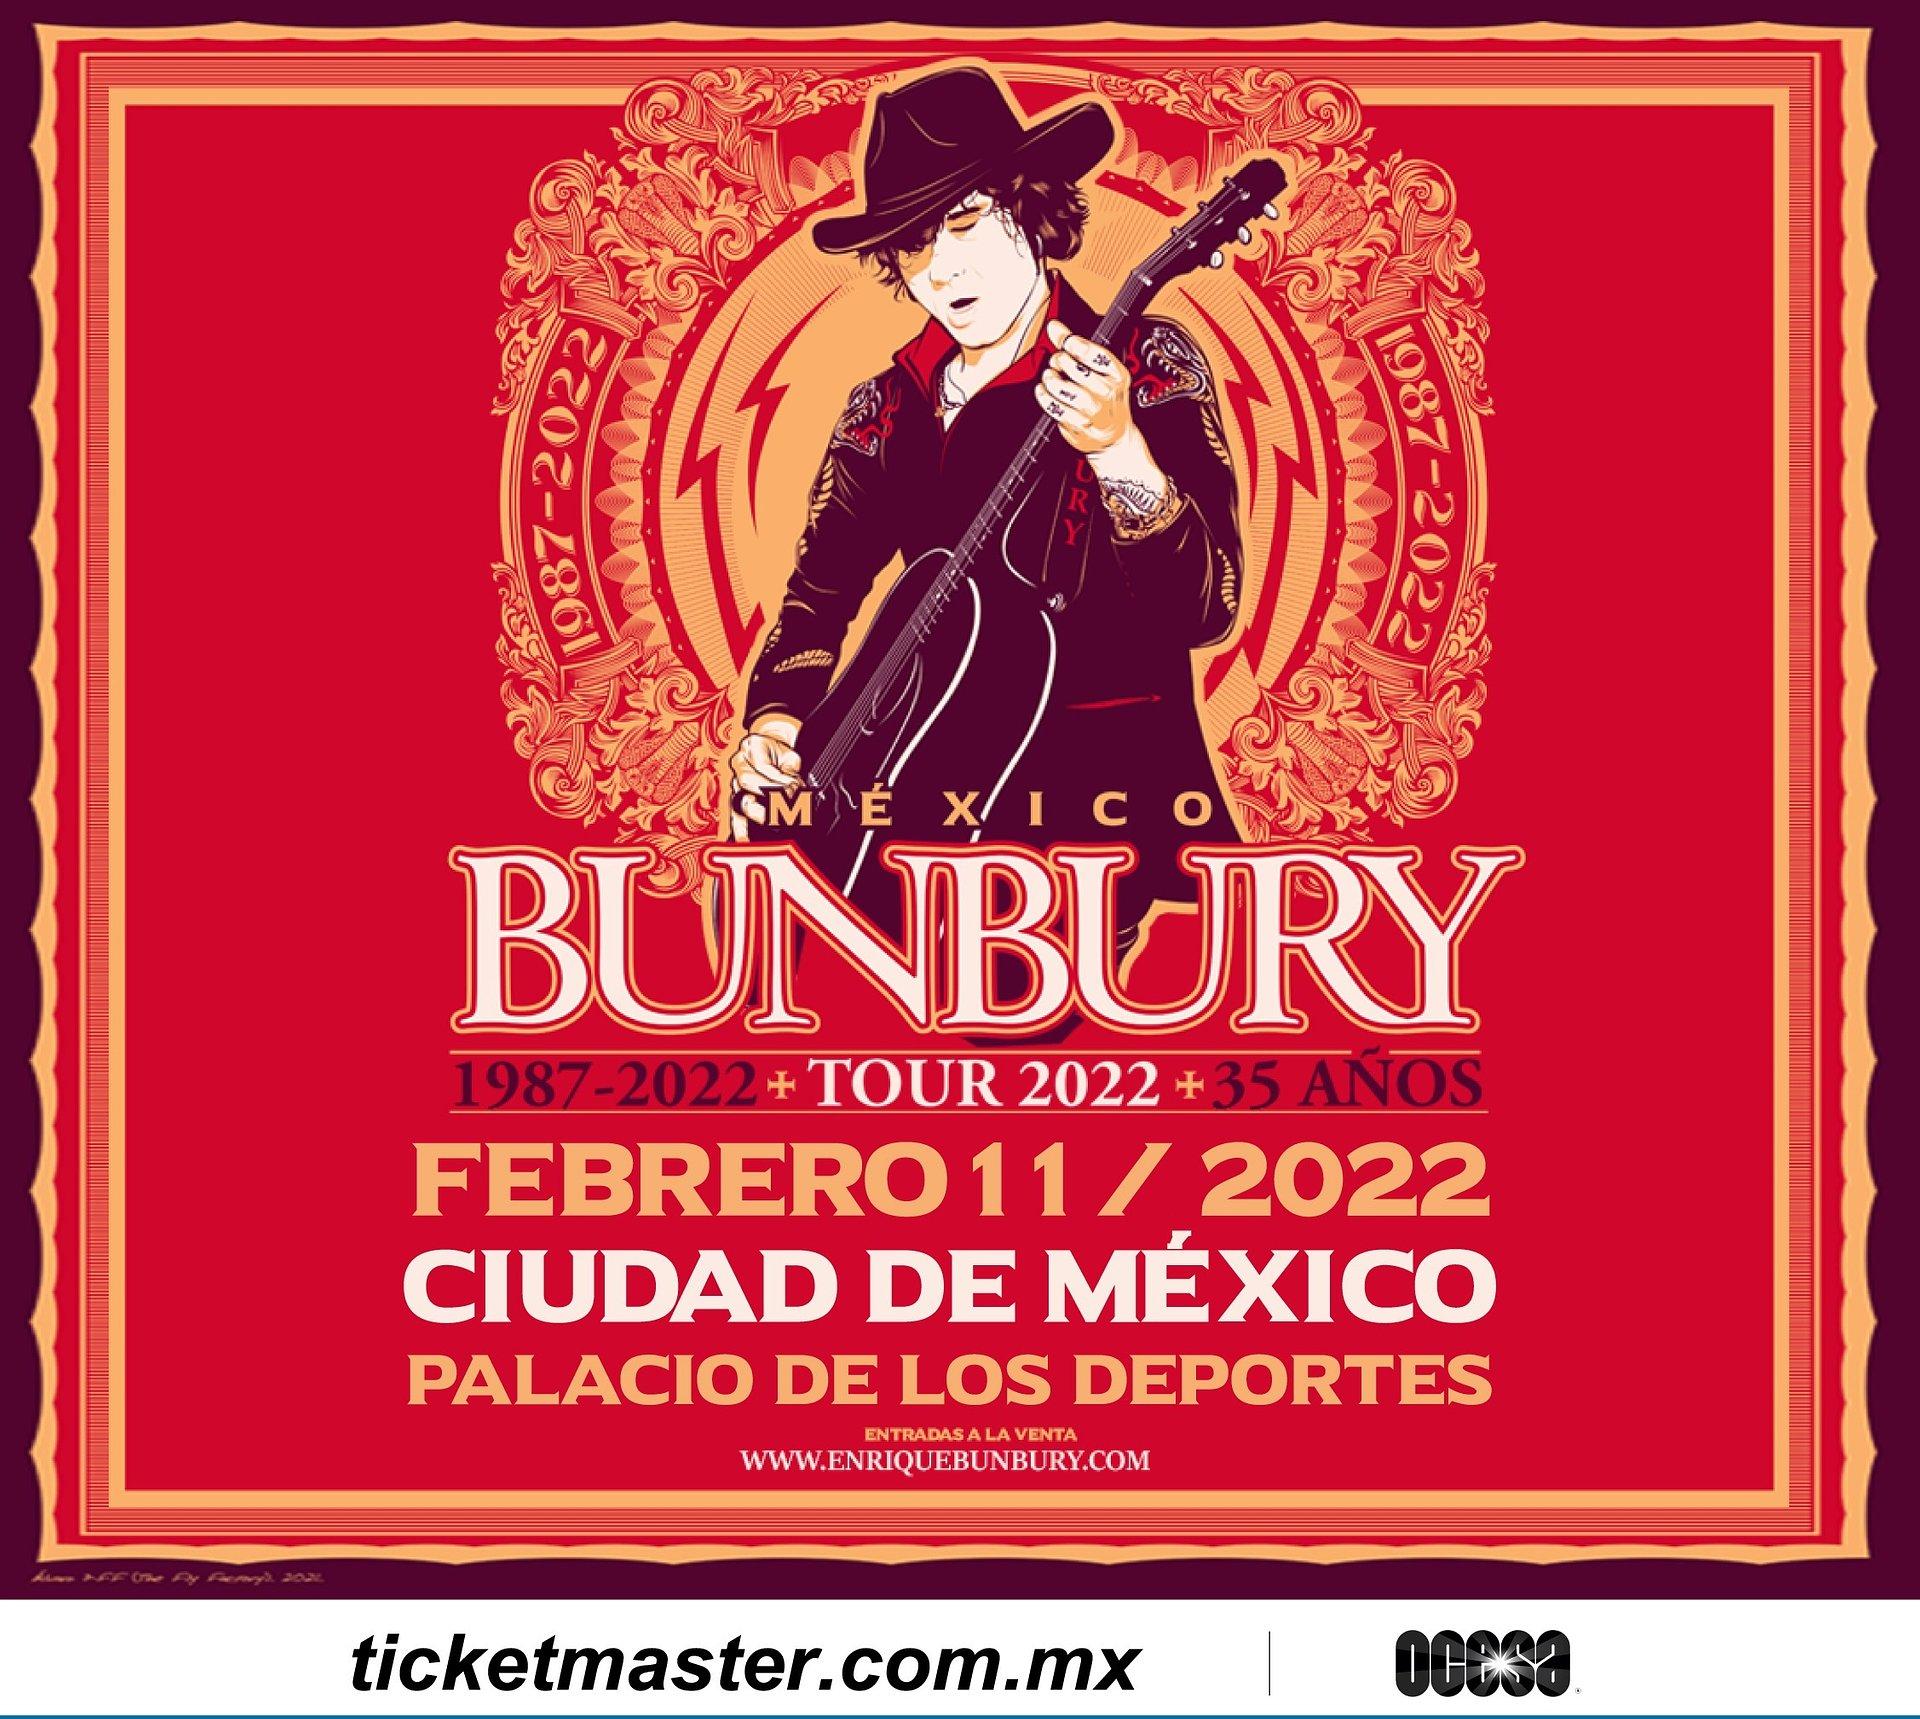 Enrique Bunbury regresa a México en 2022 para ofrecer una serie de conciertos